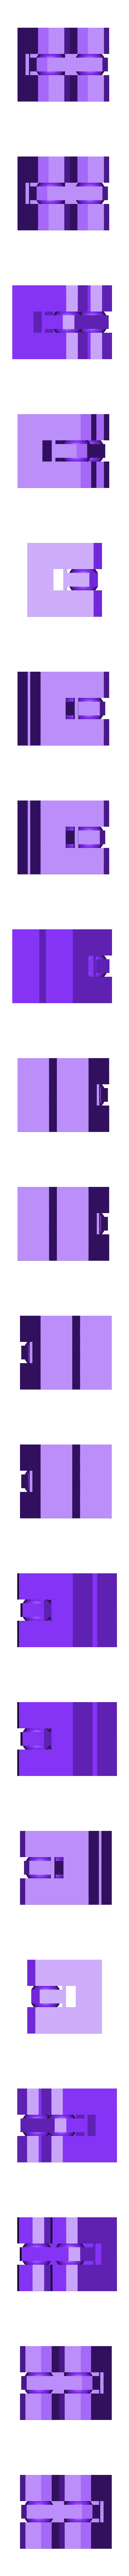 thingTwo.stl Télécharger fichier STL gratuit Jouet Flip Flop (Print & Play) • Objet pour imprimante 3D, franciscoczapski